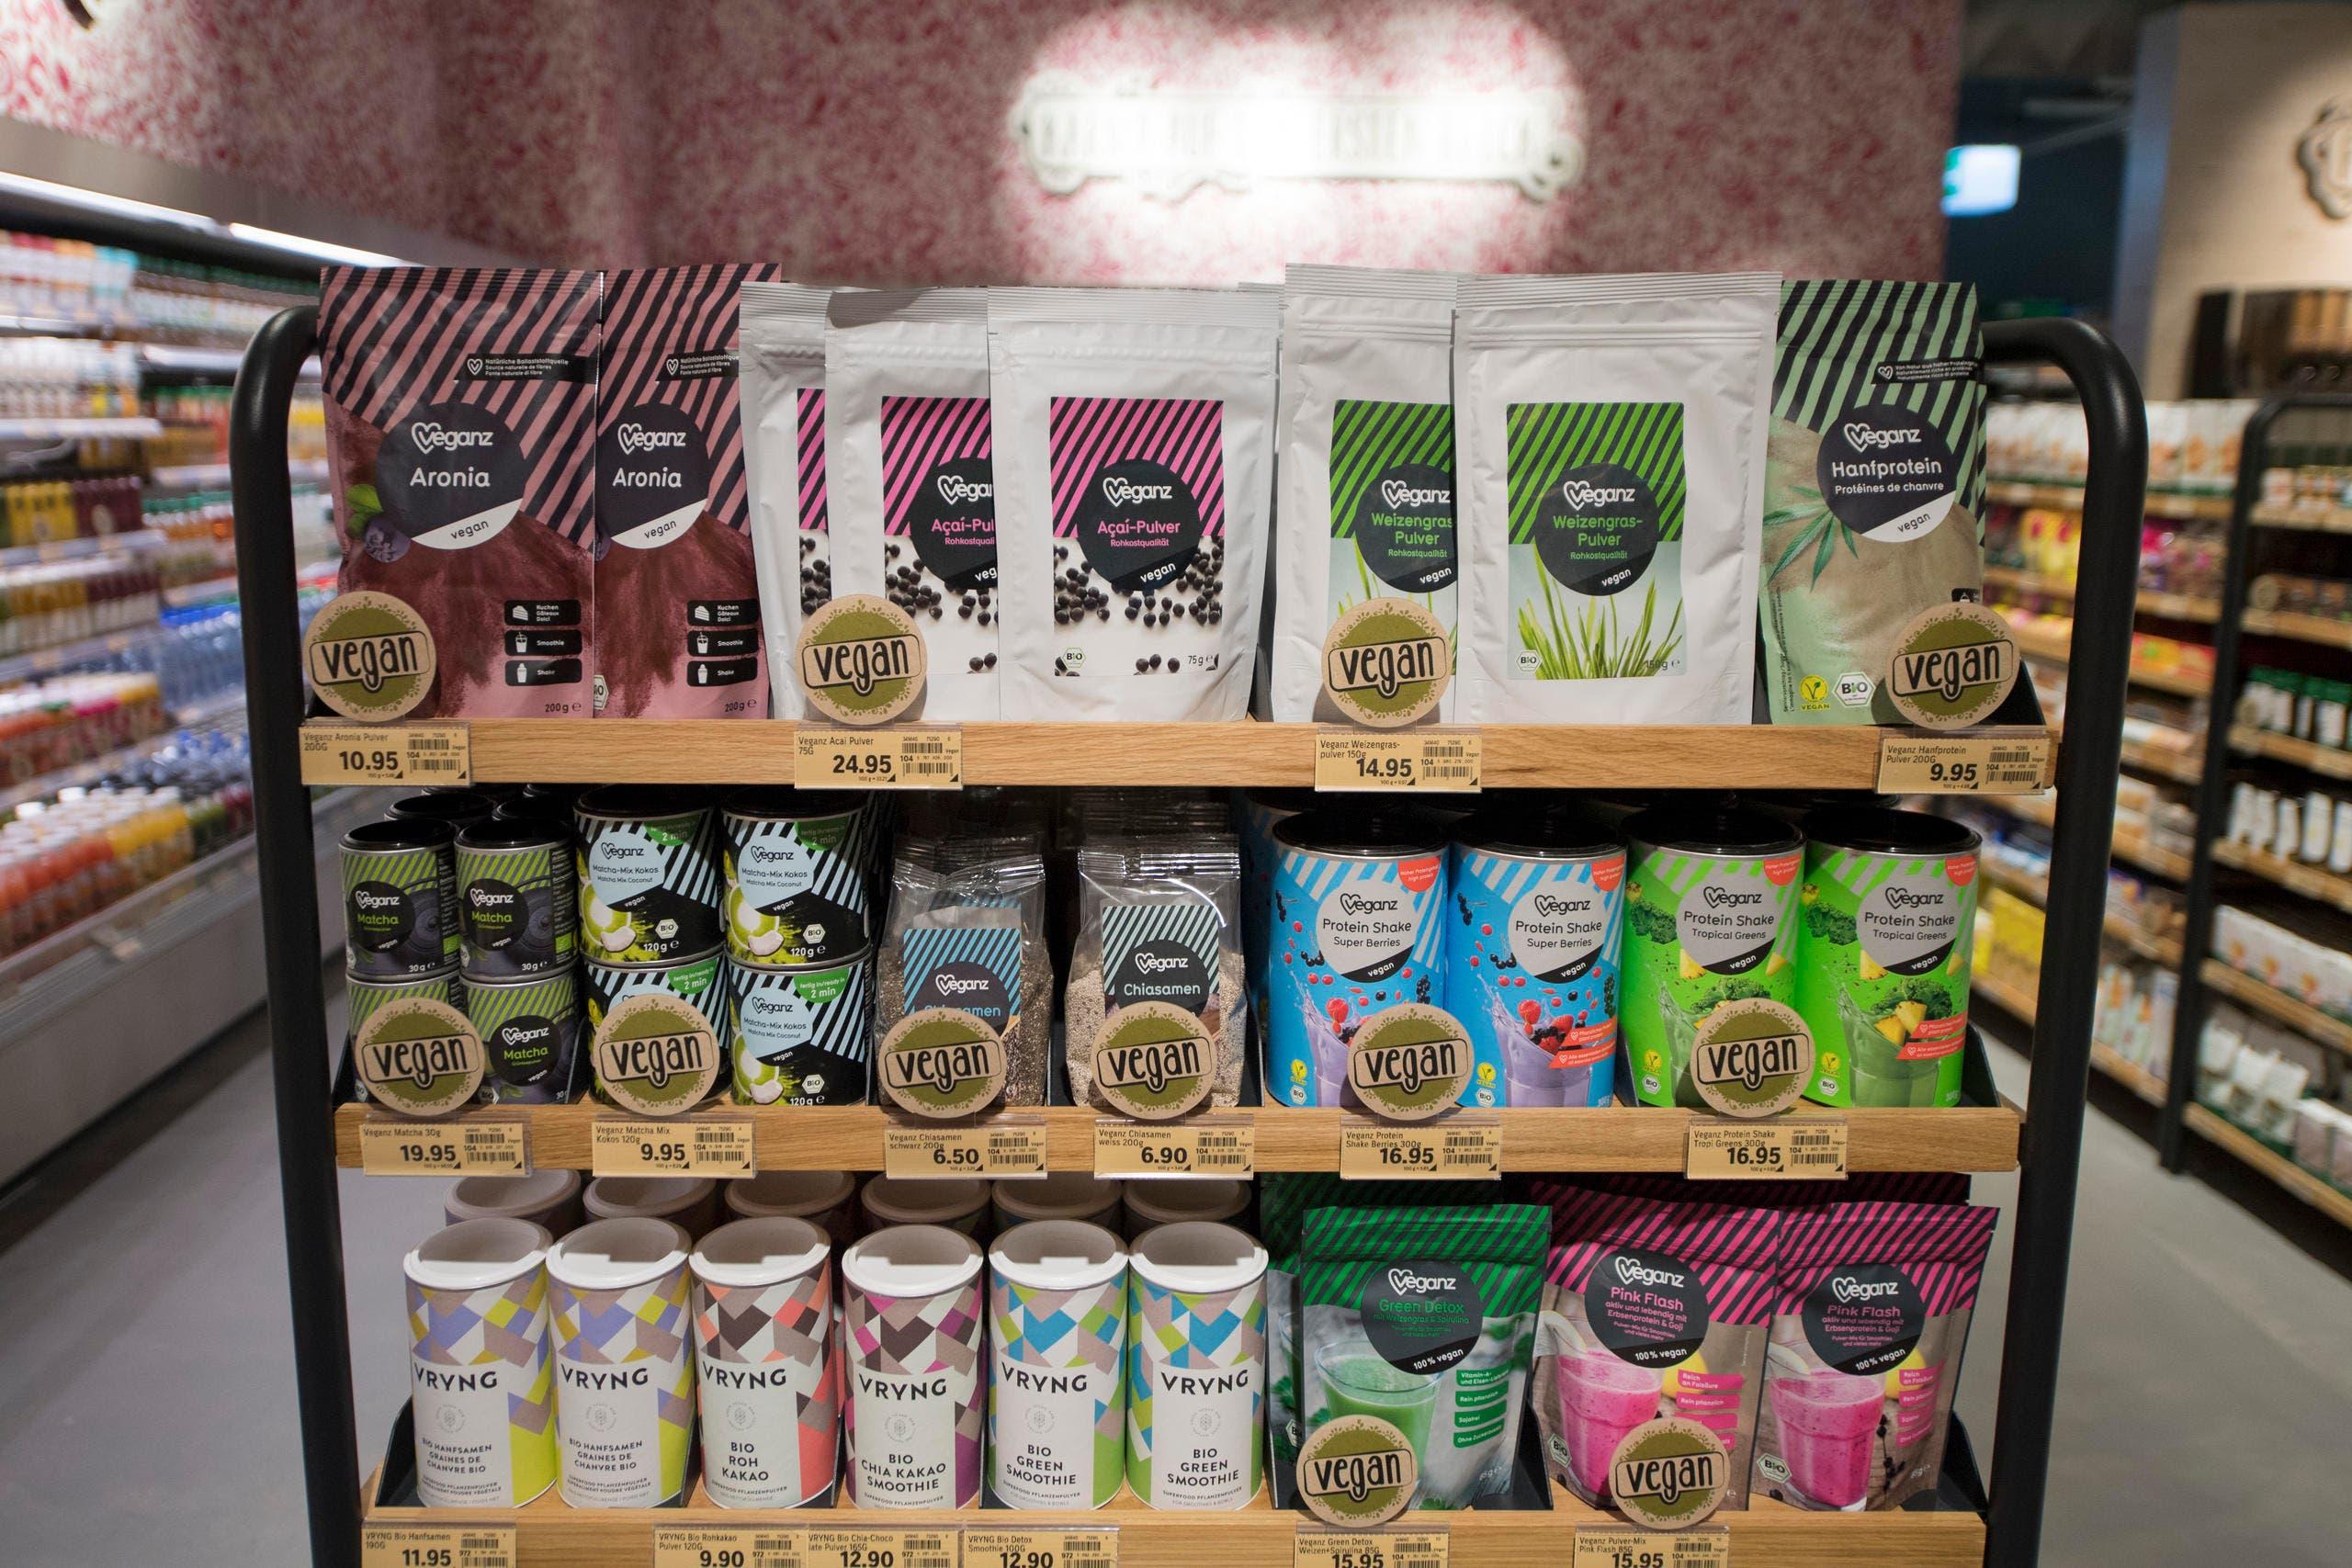 Auf 140 Quadratmetern sind vegetarische und vegane Produkte zu finden. (Bild: Urs Flüeler / Keystone)